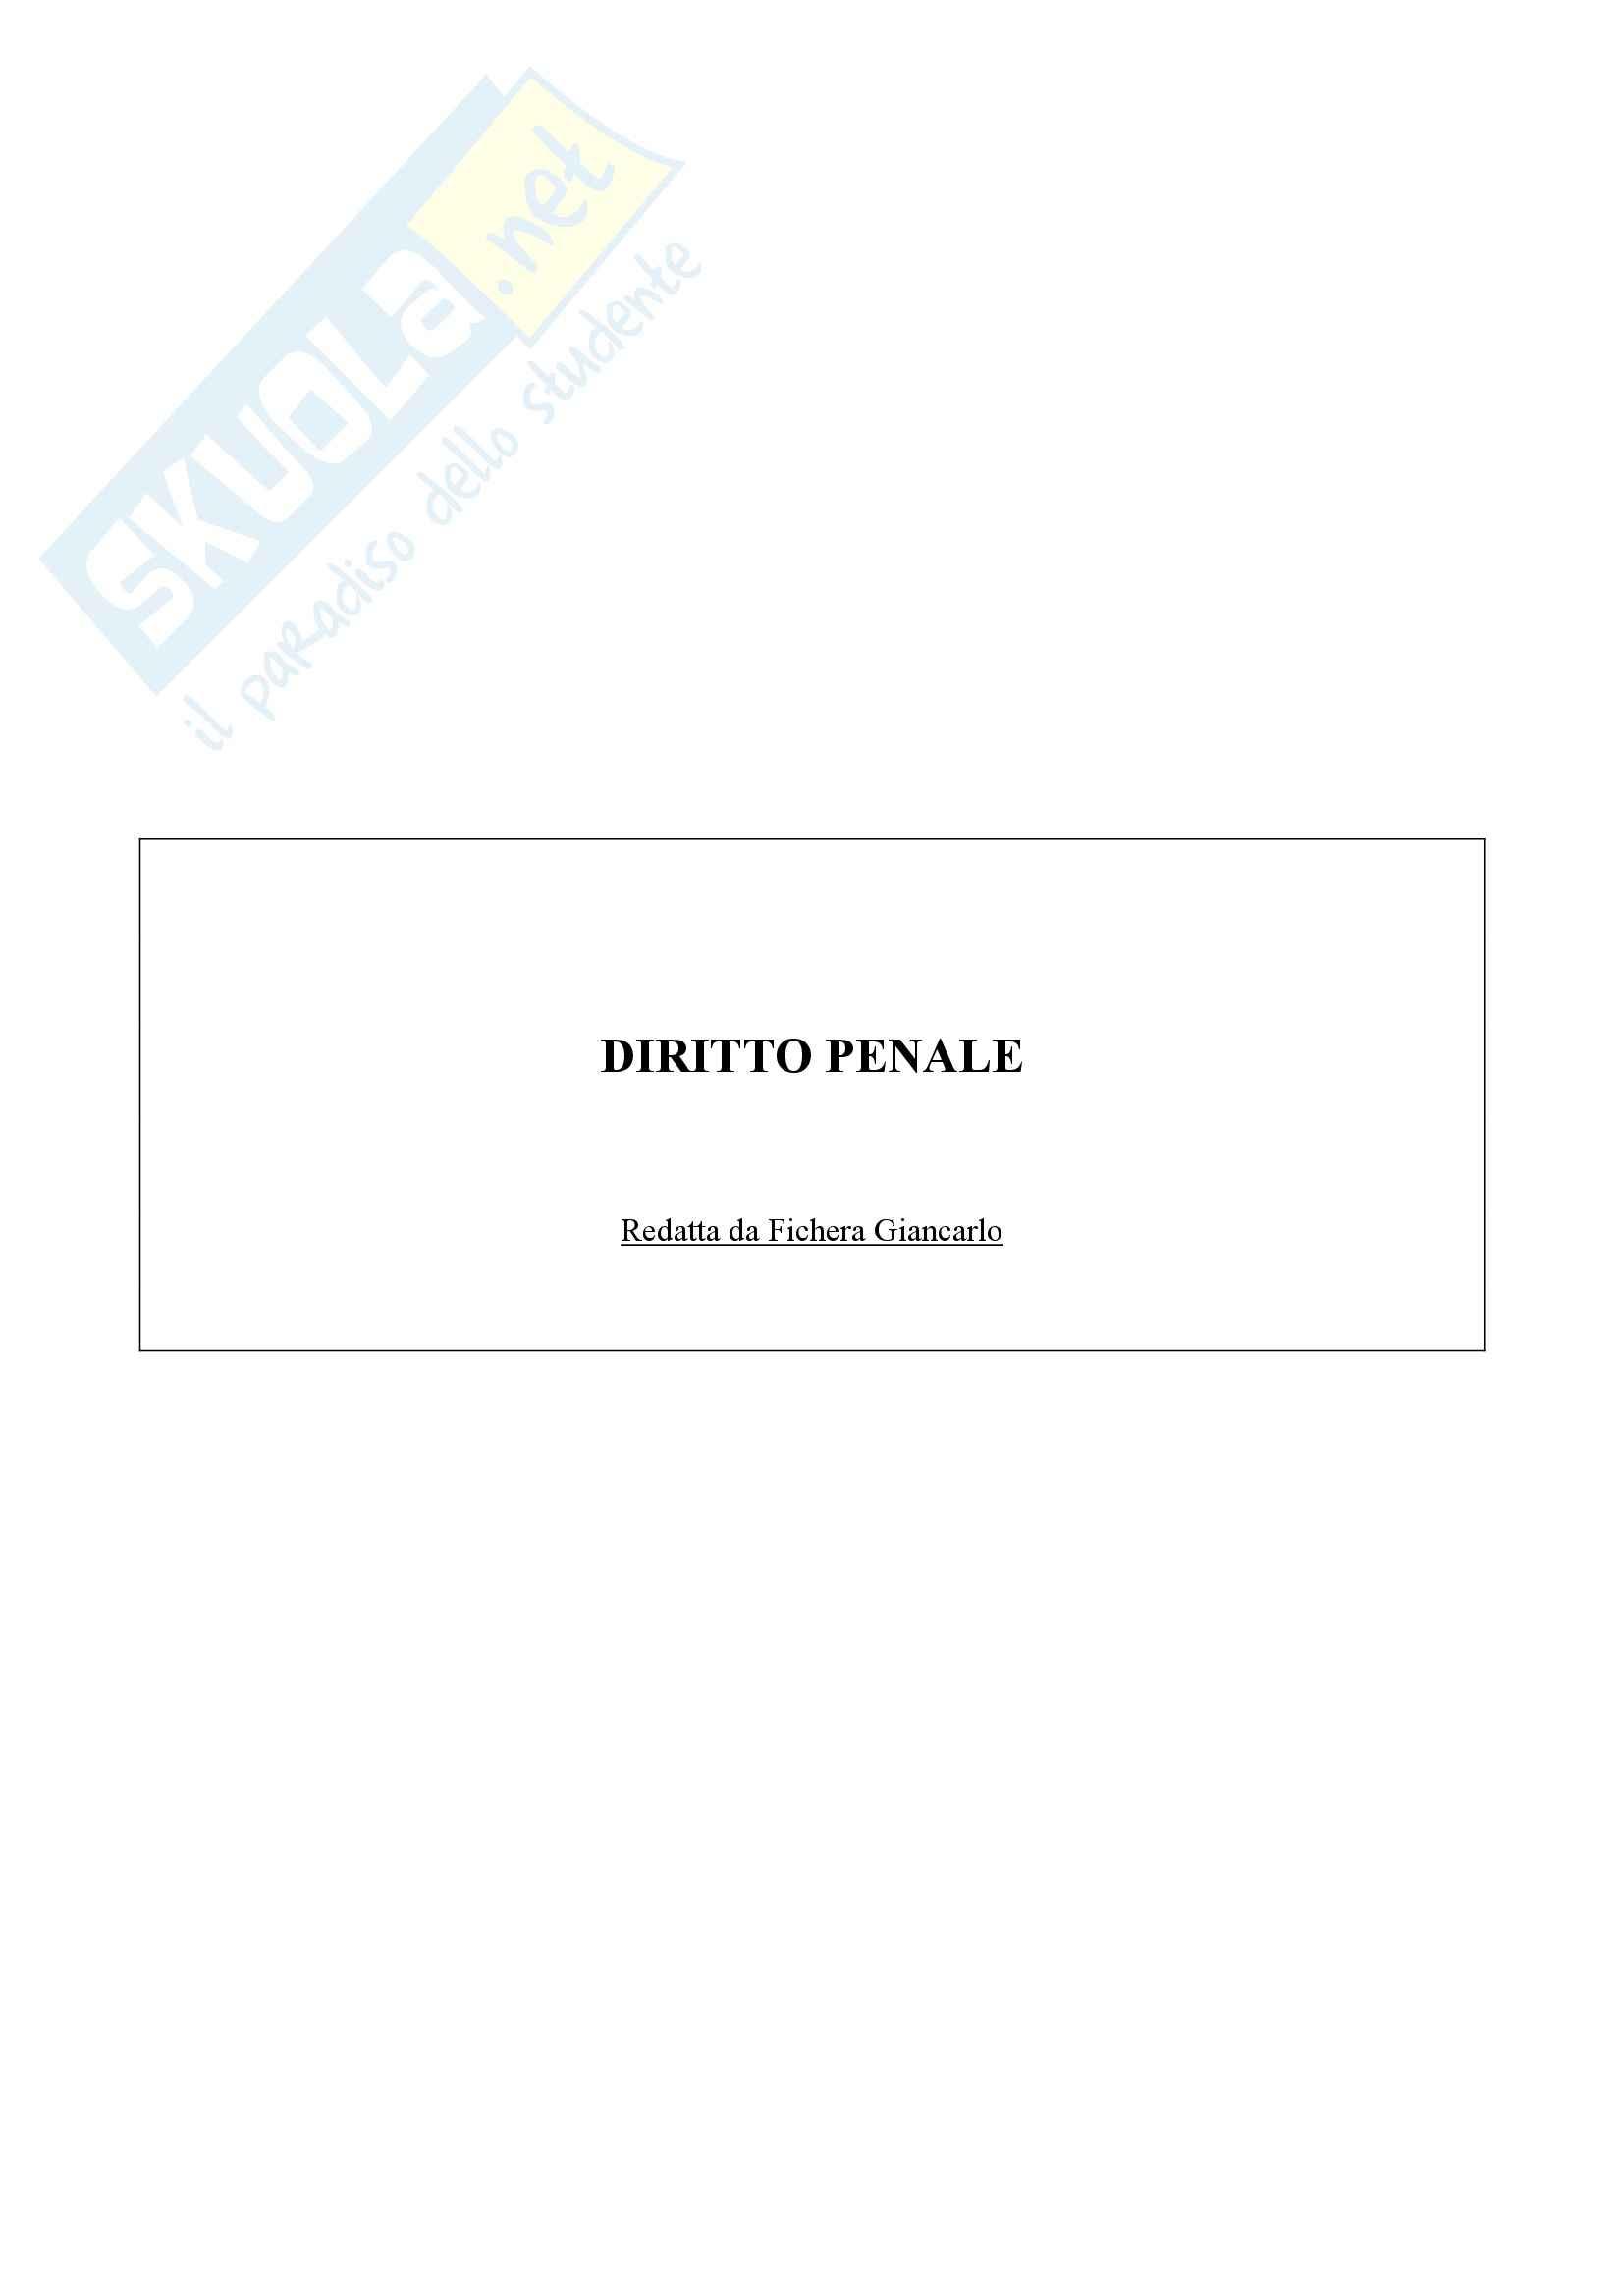 Riassunto esame Diritto Penale, prof. Bondi, libro consigliato Diritto Penale I, Vol I, Fiandaca Musco